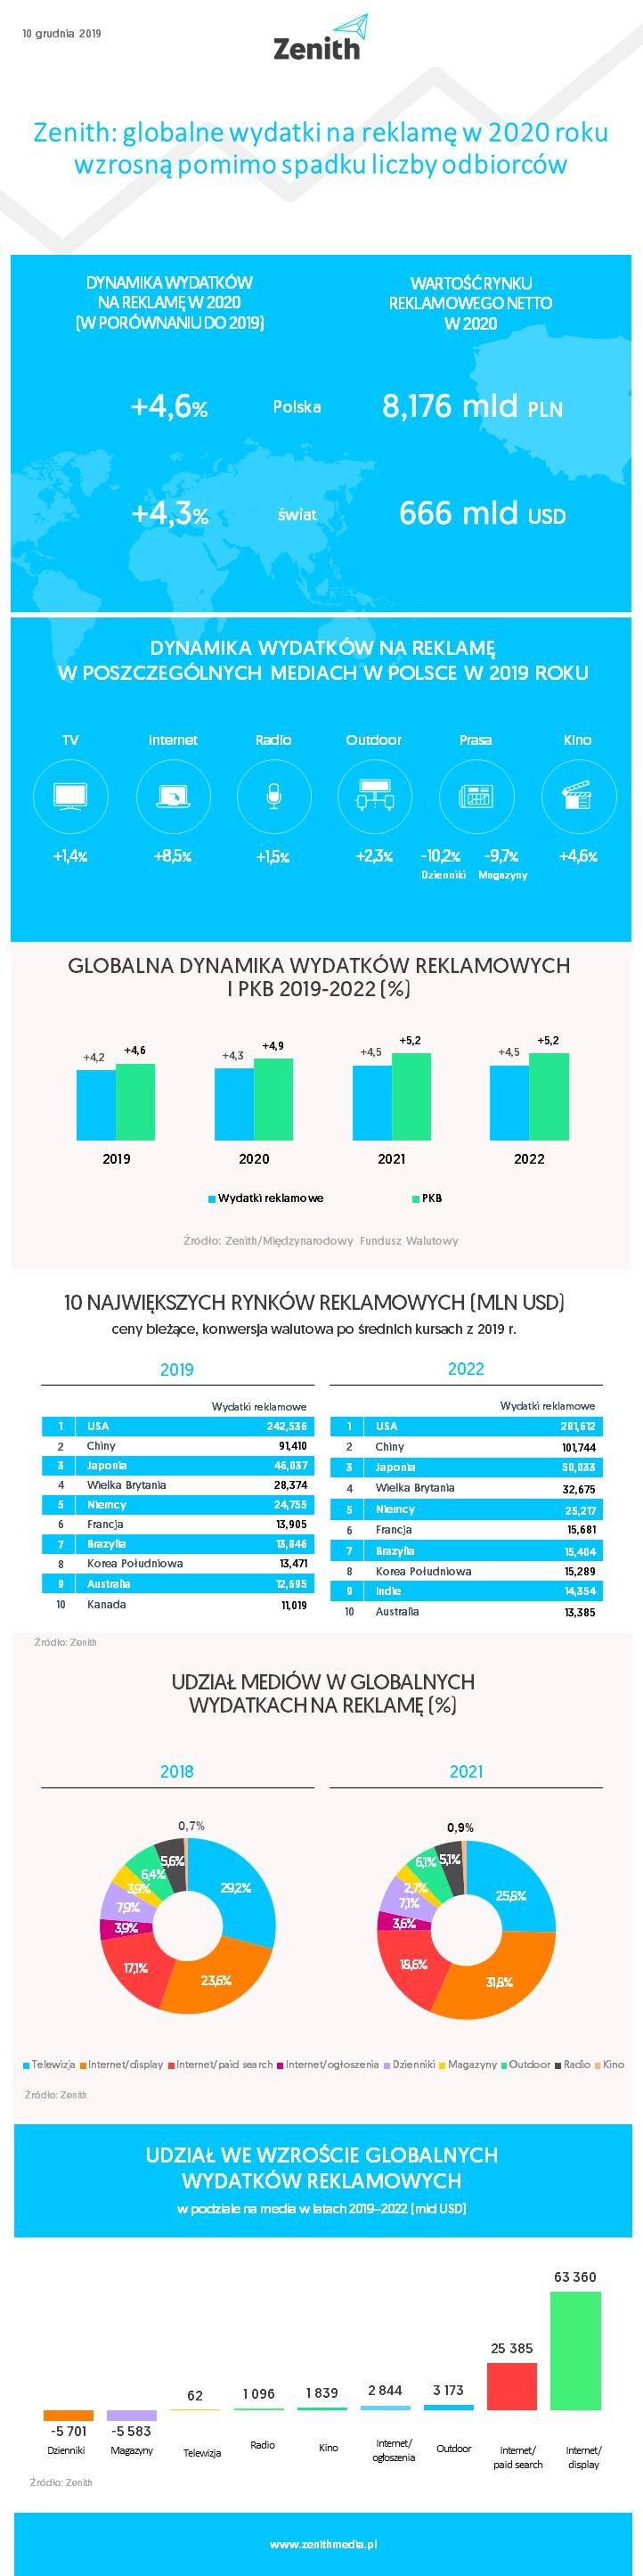 infografika wydatki na reklamę